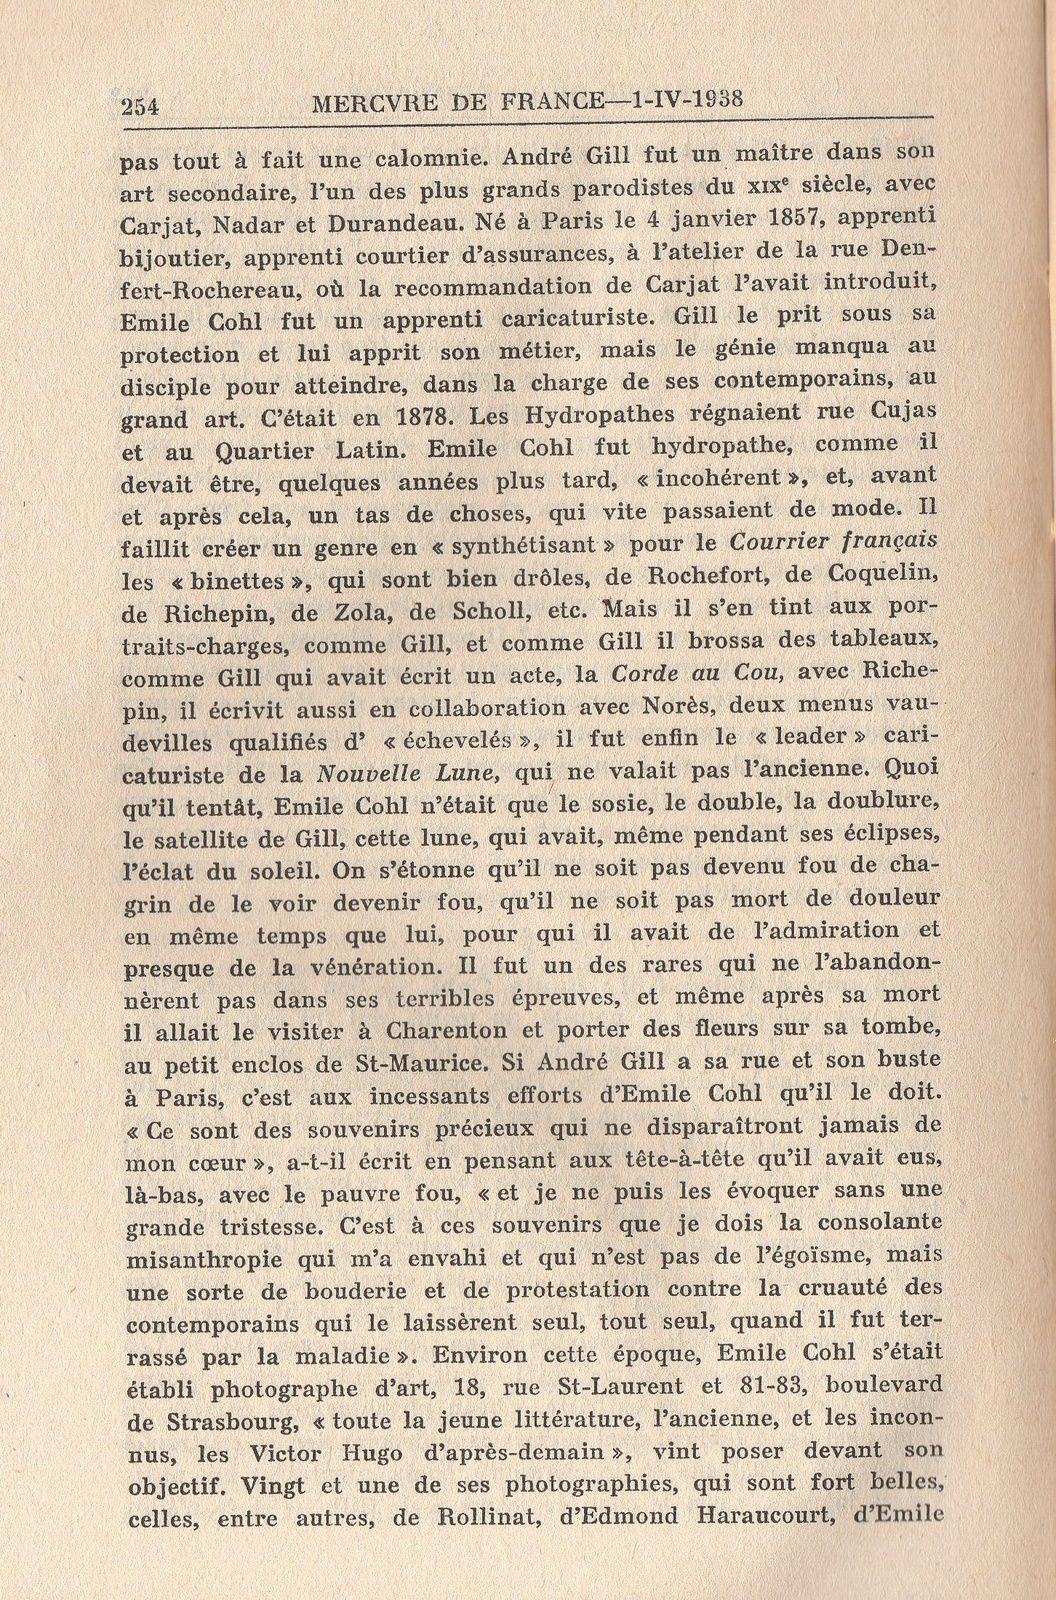 """Archive : """"Un ami d'André Gill : Emile Cohl"""", Mercure de France, 1er avril 1938"""